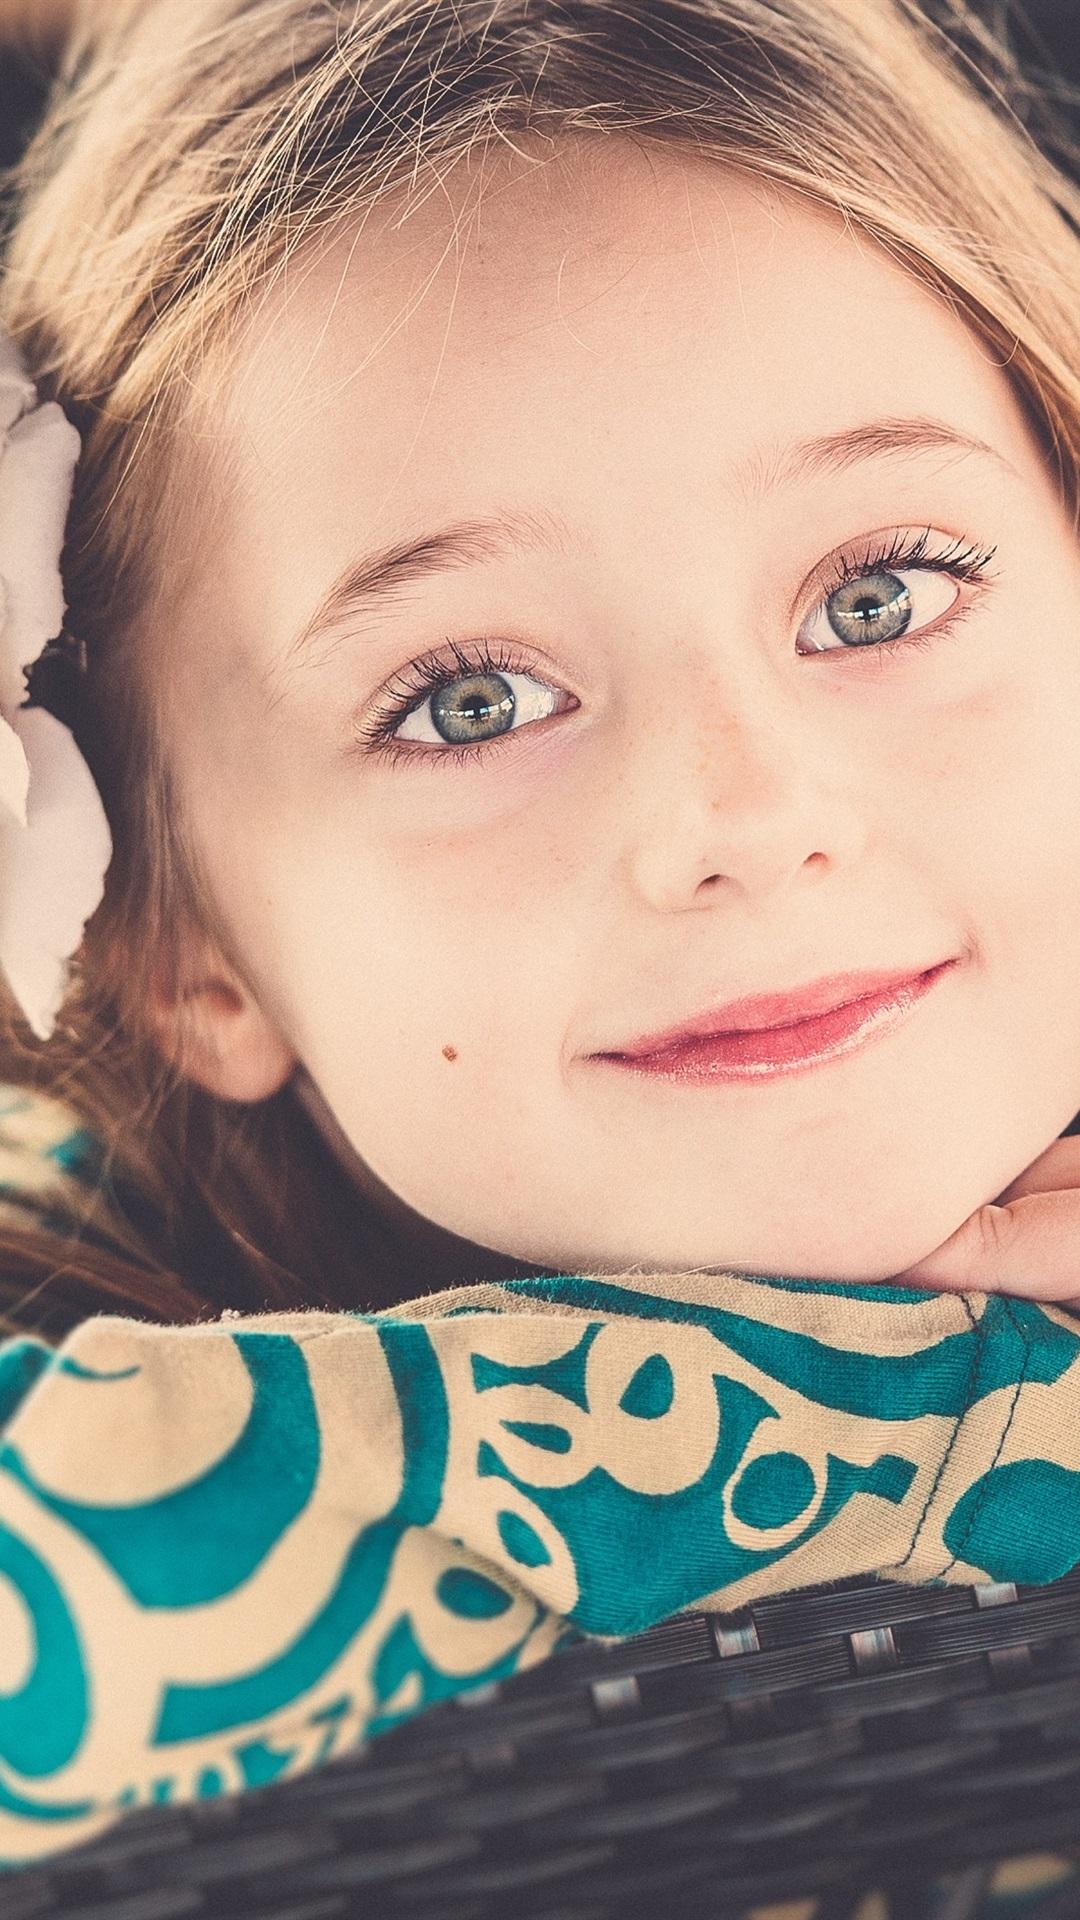 かわいい女の子の笑顔 1080x1920 Iphone 8 7 6 6s Plus 壁紙 背景 画像